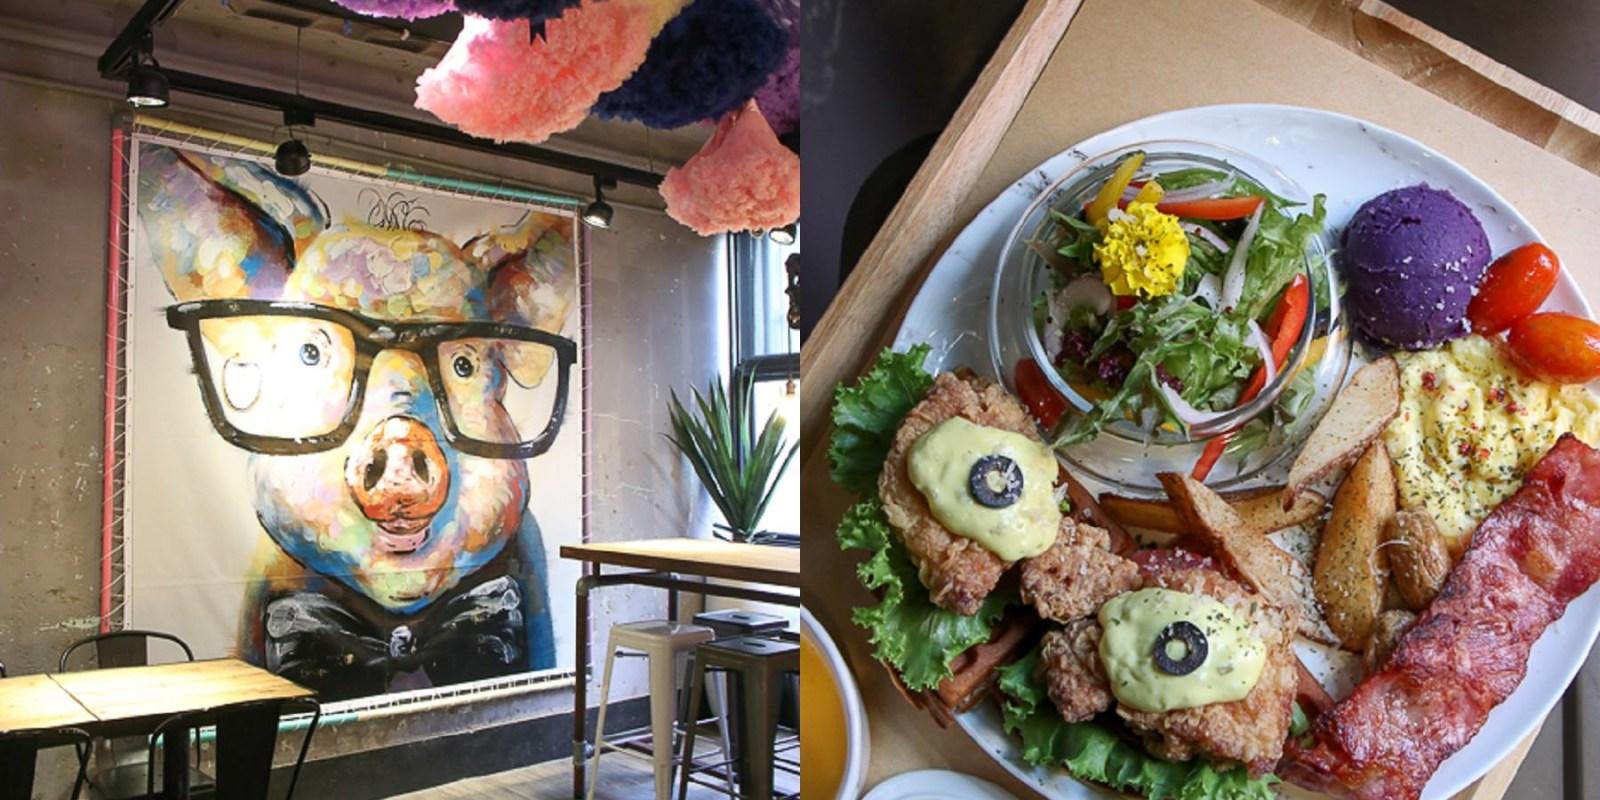 台南美食鬆餅 全新菜單!全新風格~人氣炸雞鬆餅,義大利麵濃湯無限供應。「waffle 鬆餅 16」|台南火車站|成大|